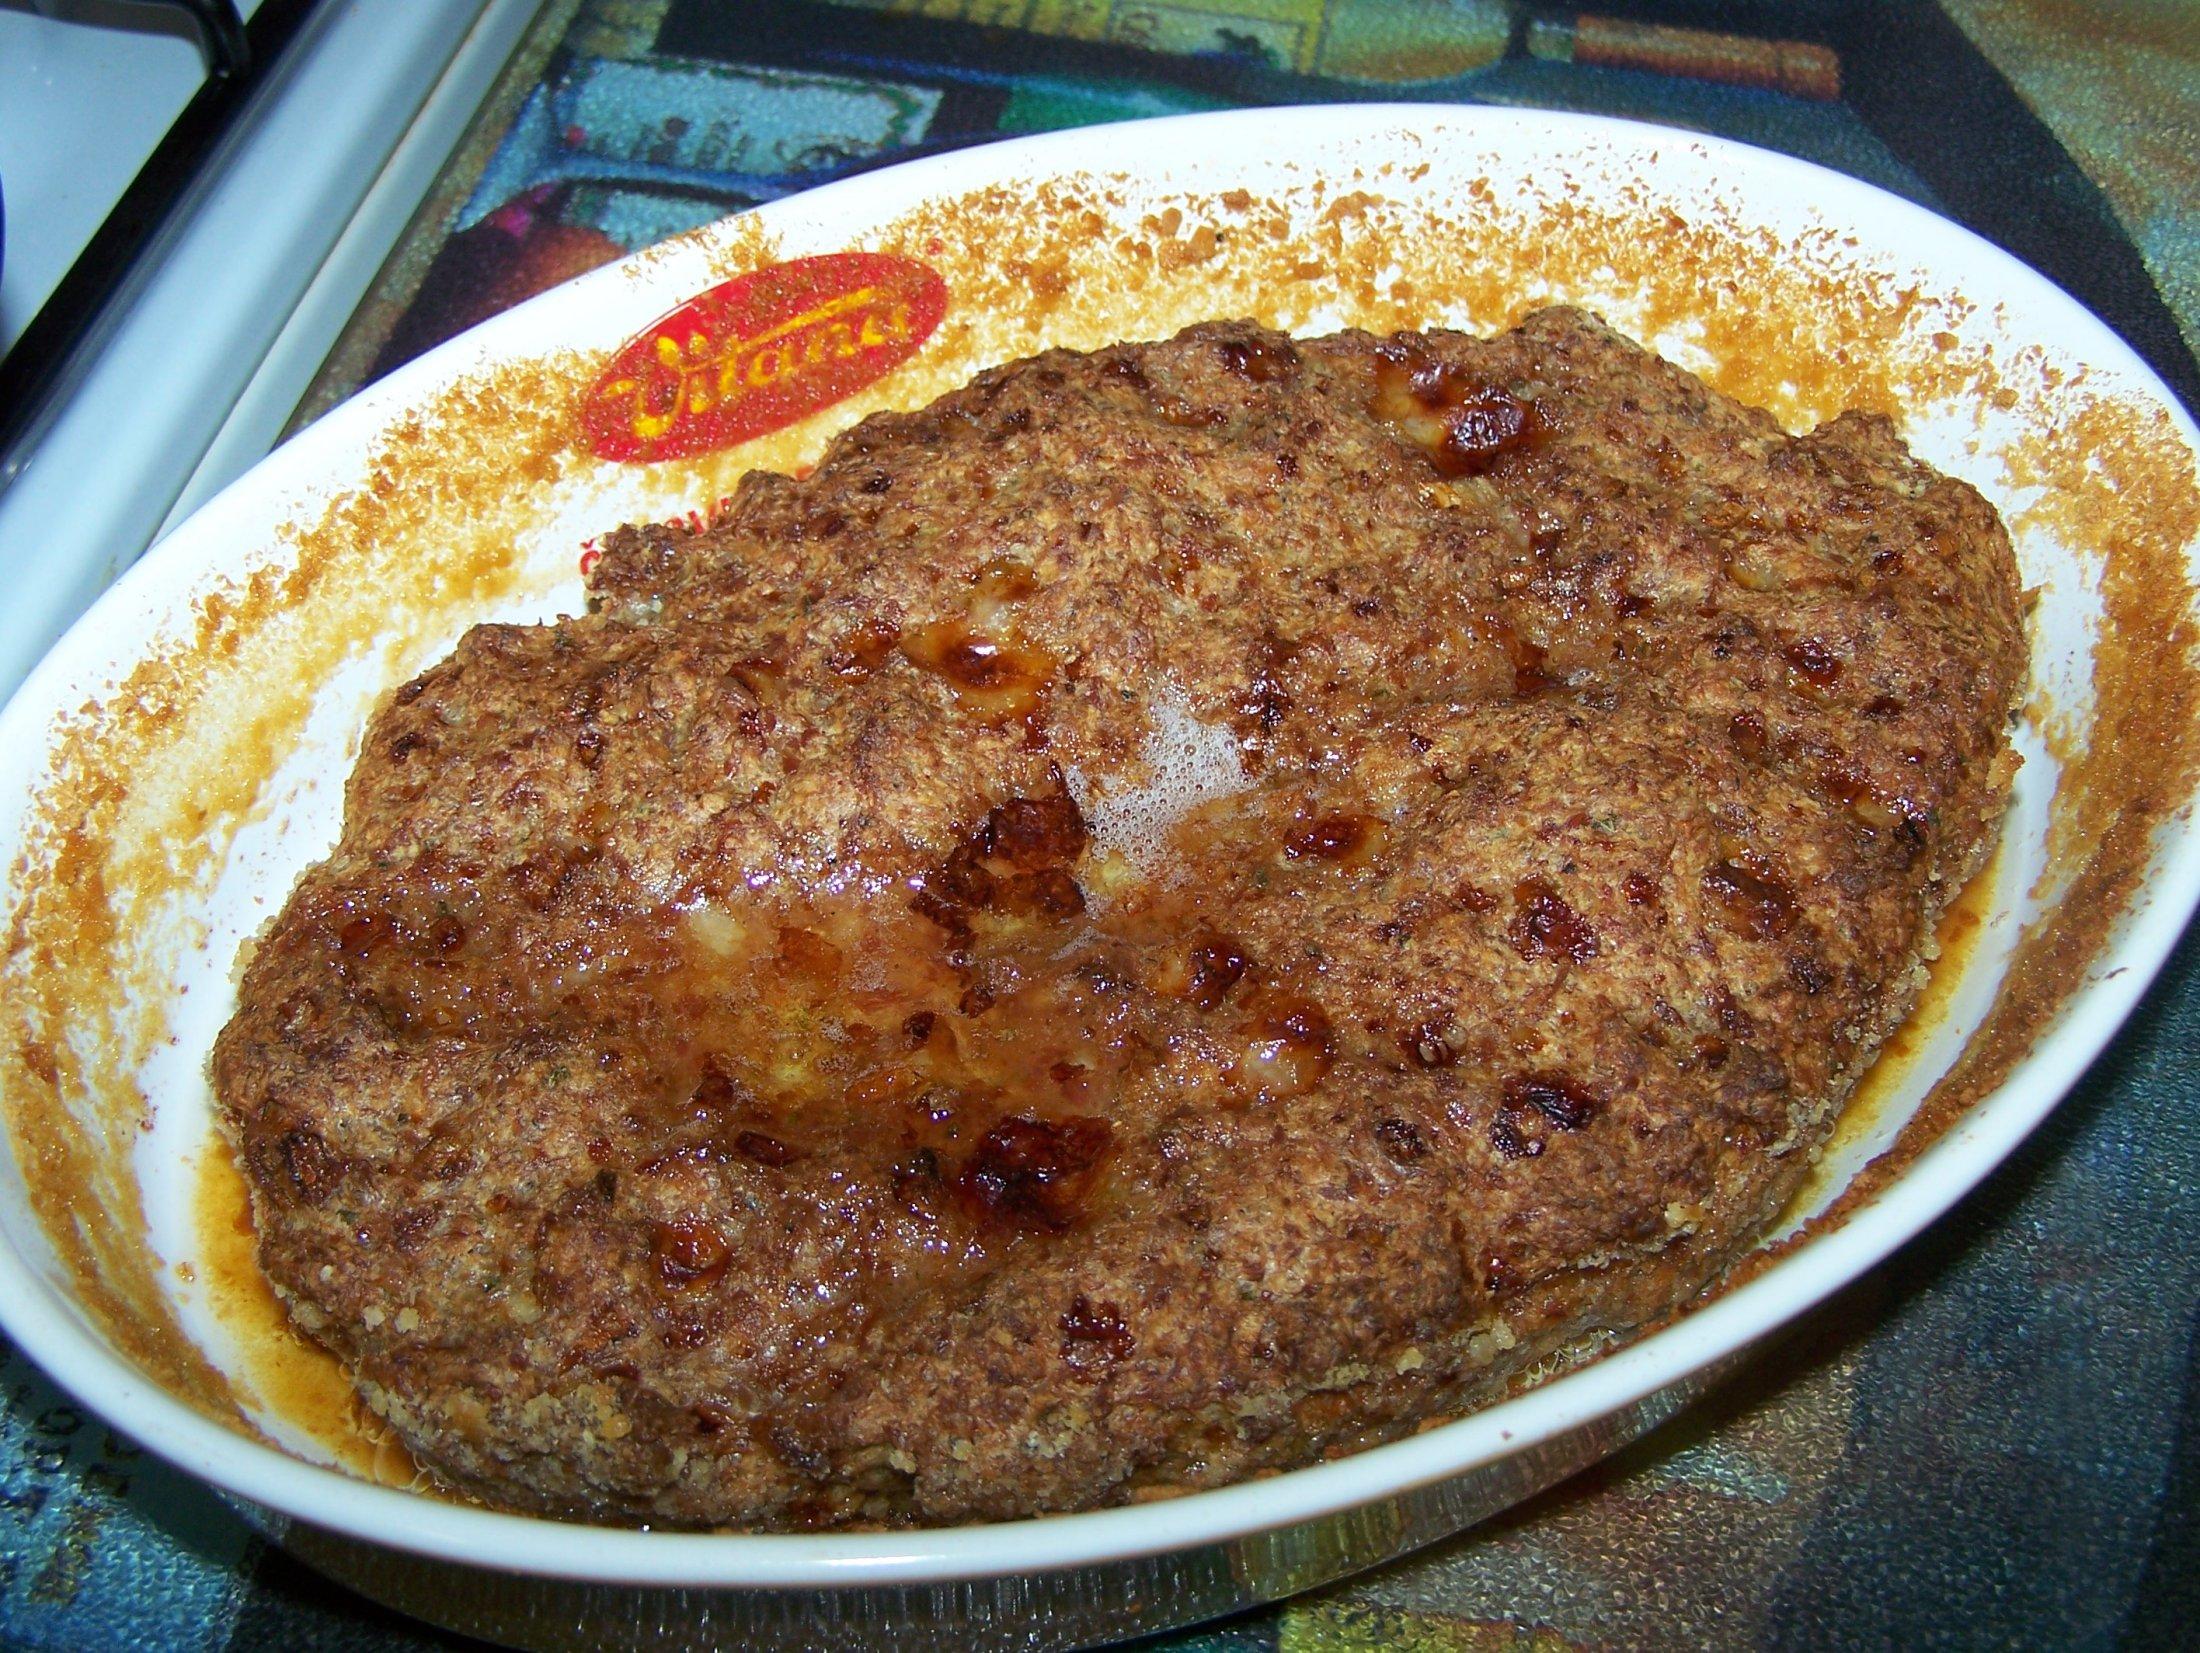 Recept Sekaná - Pro urychlení pečení můžeme připravenou sekanou pouze rozprostřít do zapékací misky.